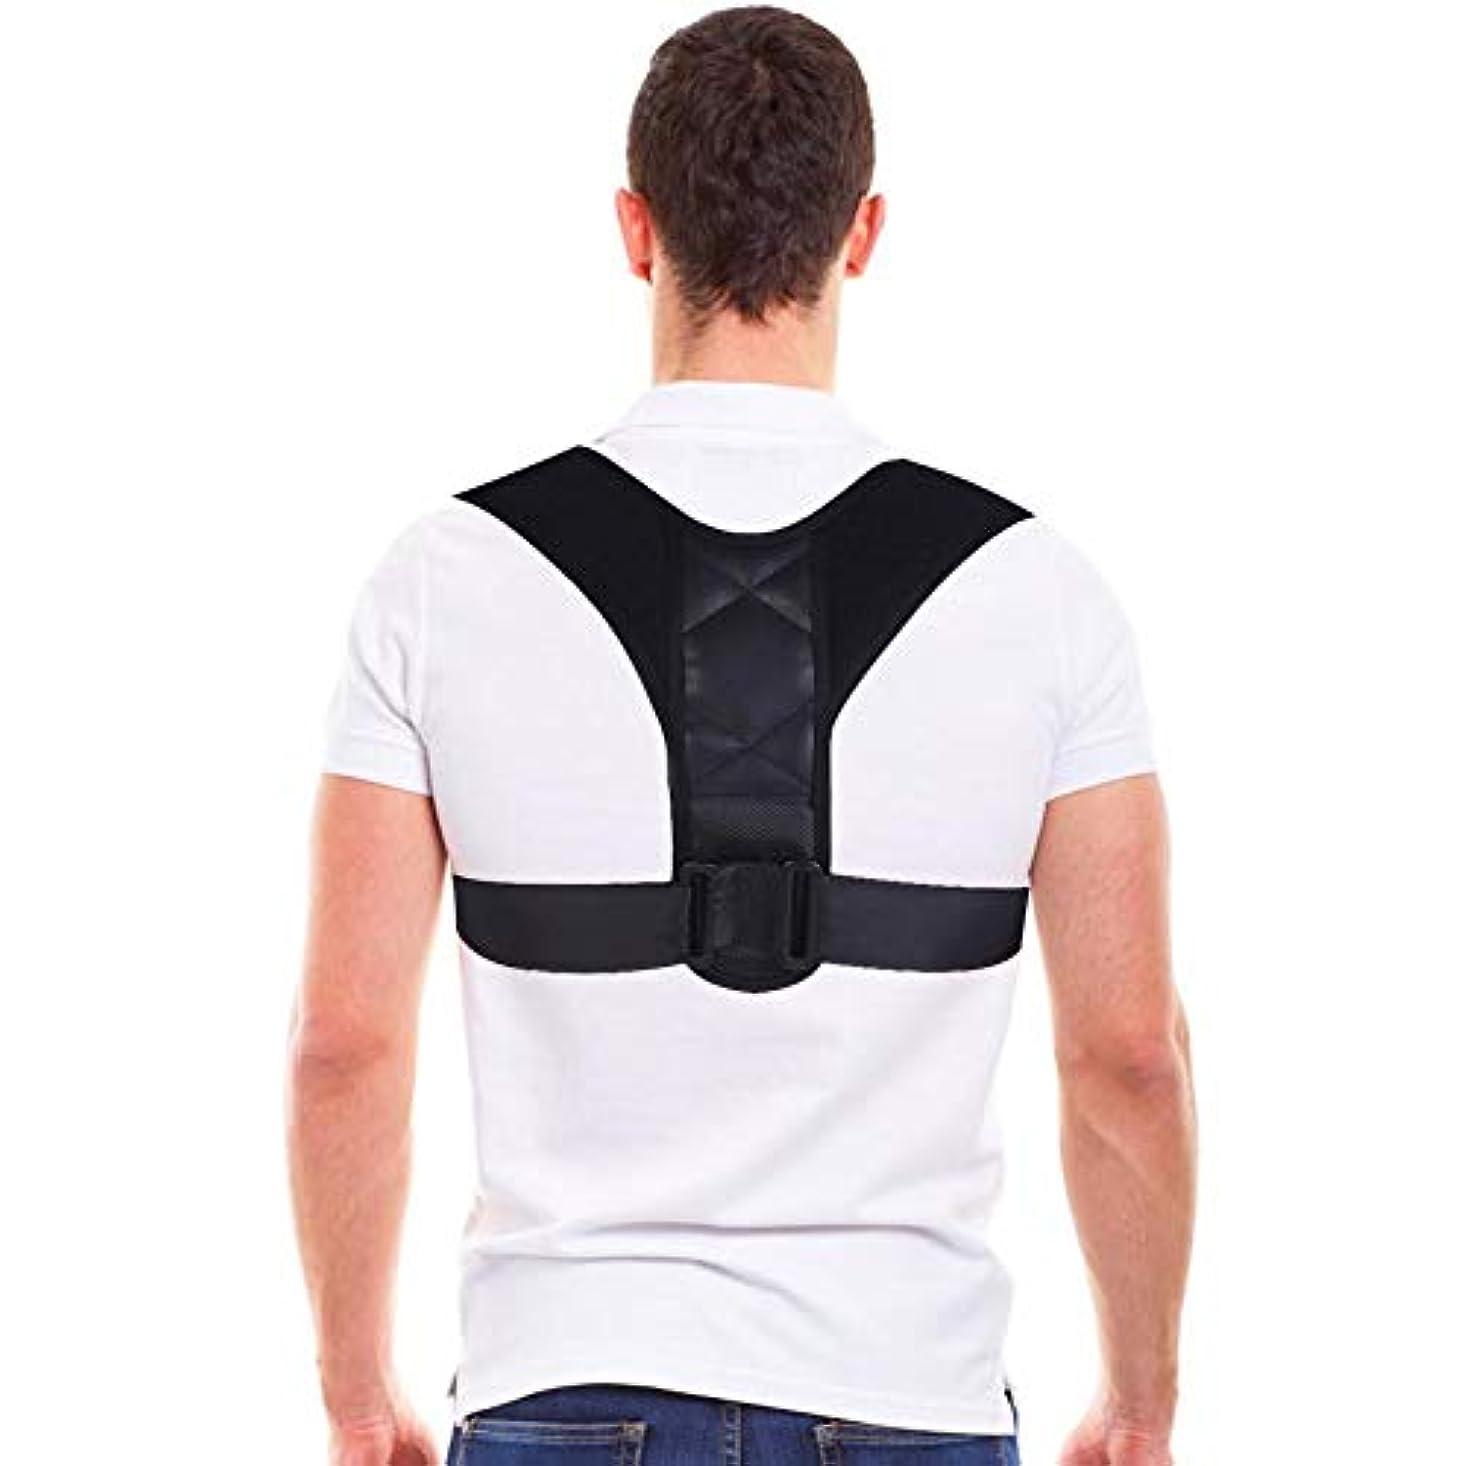 一貫性のない所得要求するコレクター姿勢バックサポートベルト、8字型デザインの調節可能な鎖骨装具バンド、男性と女性の姿勢、腰痛予防、腰痛予防